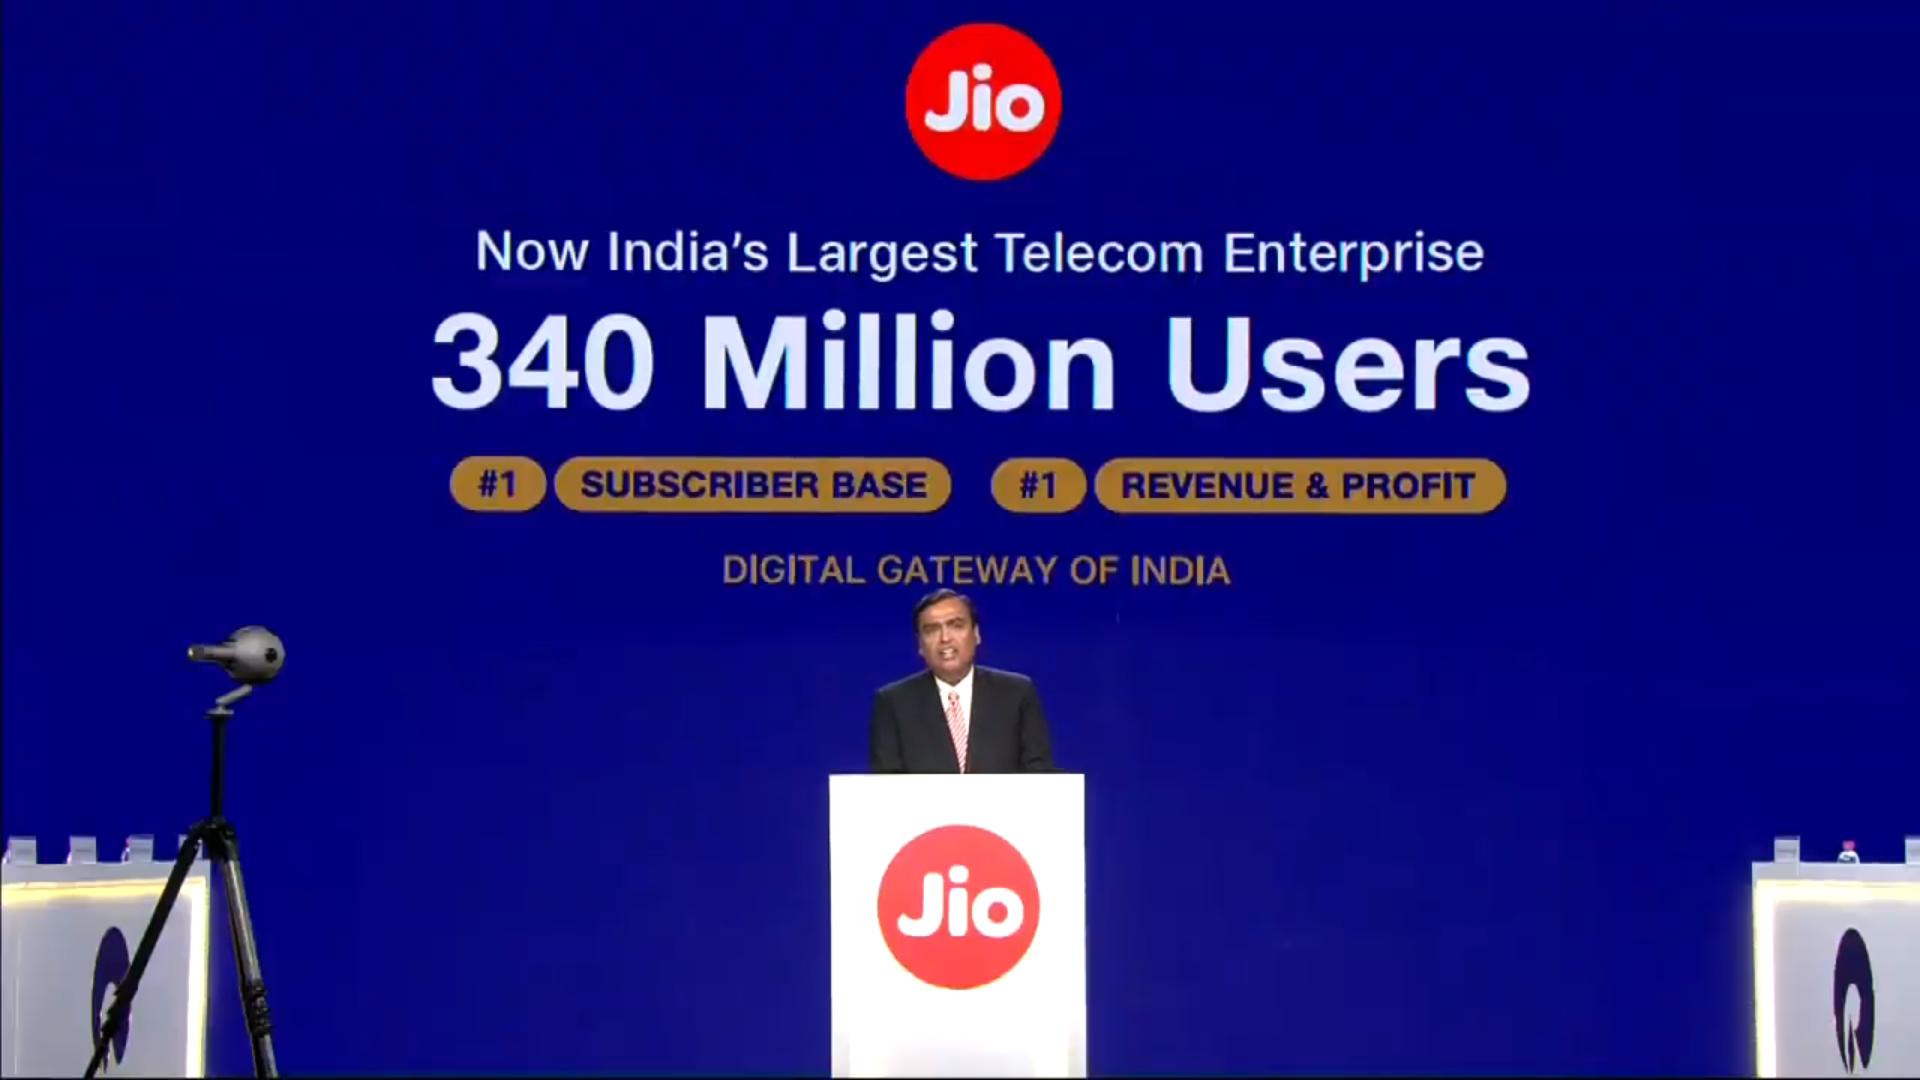 Reliance Jio Glasfaser mit Breitband-Geschwindigkeiten von bis zu 1Gbit / s kommerziell verfügbar vom 5. September durch Indien